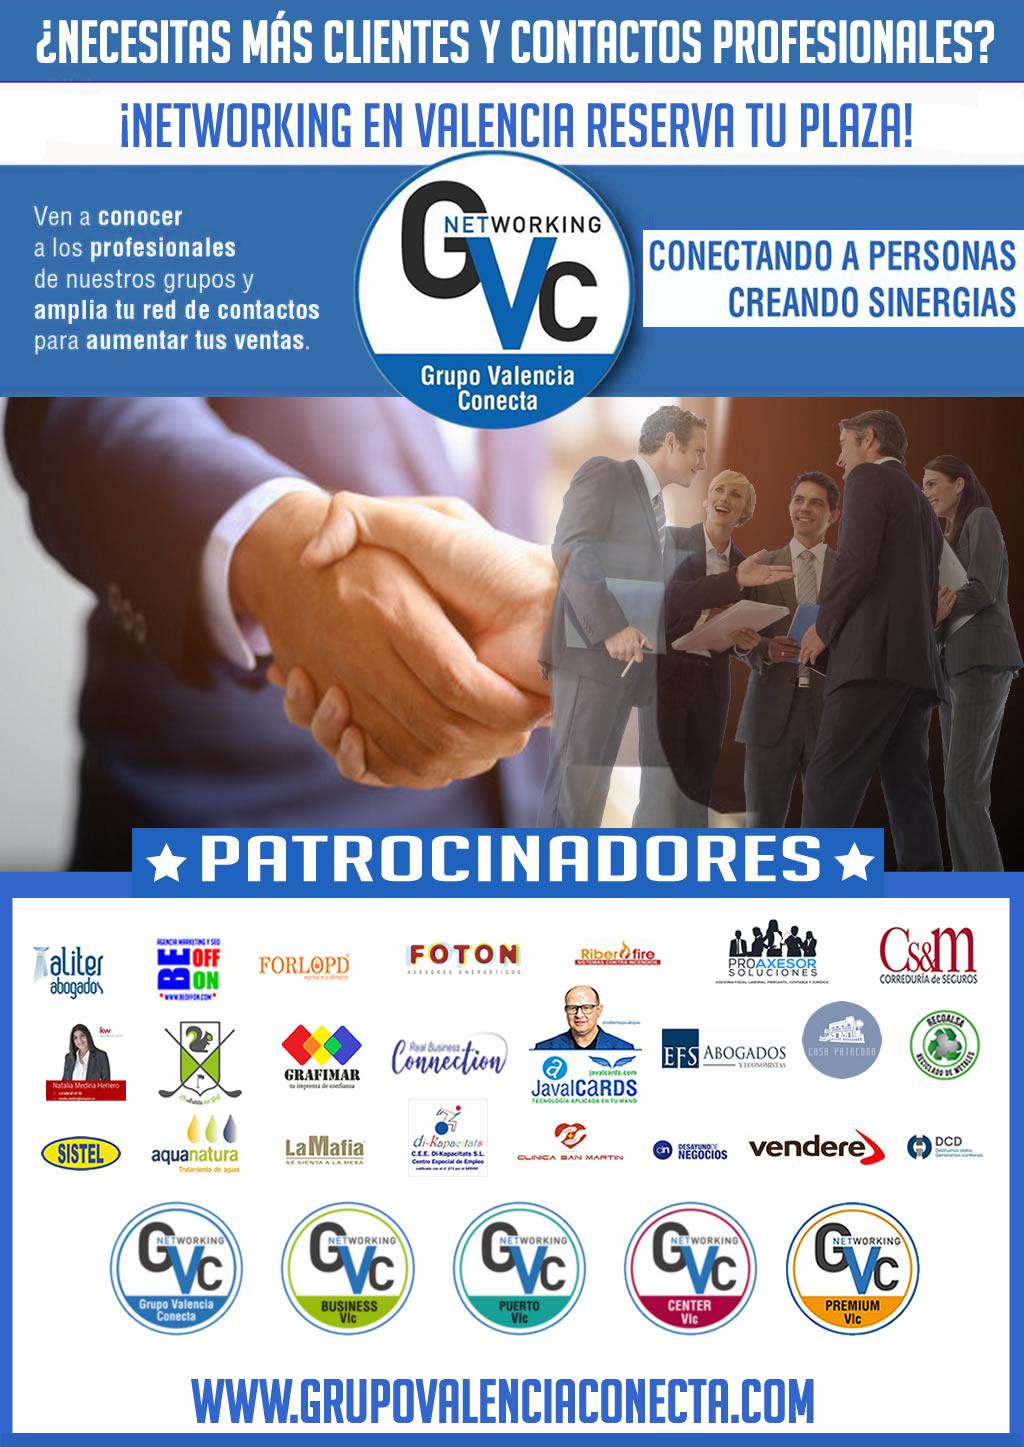 networking en valencia - grupo valencia conecta